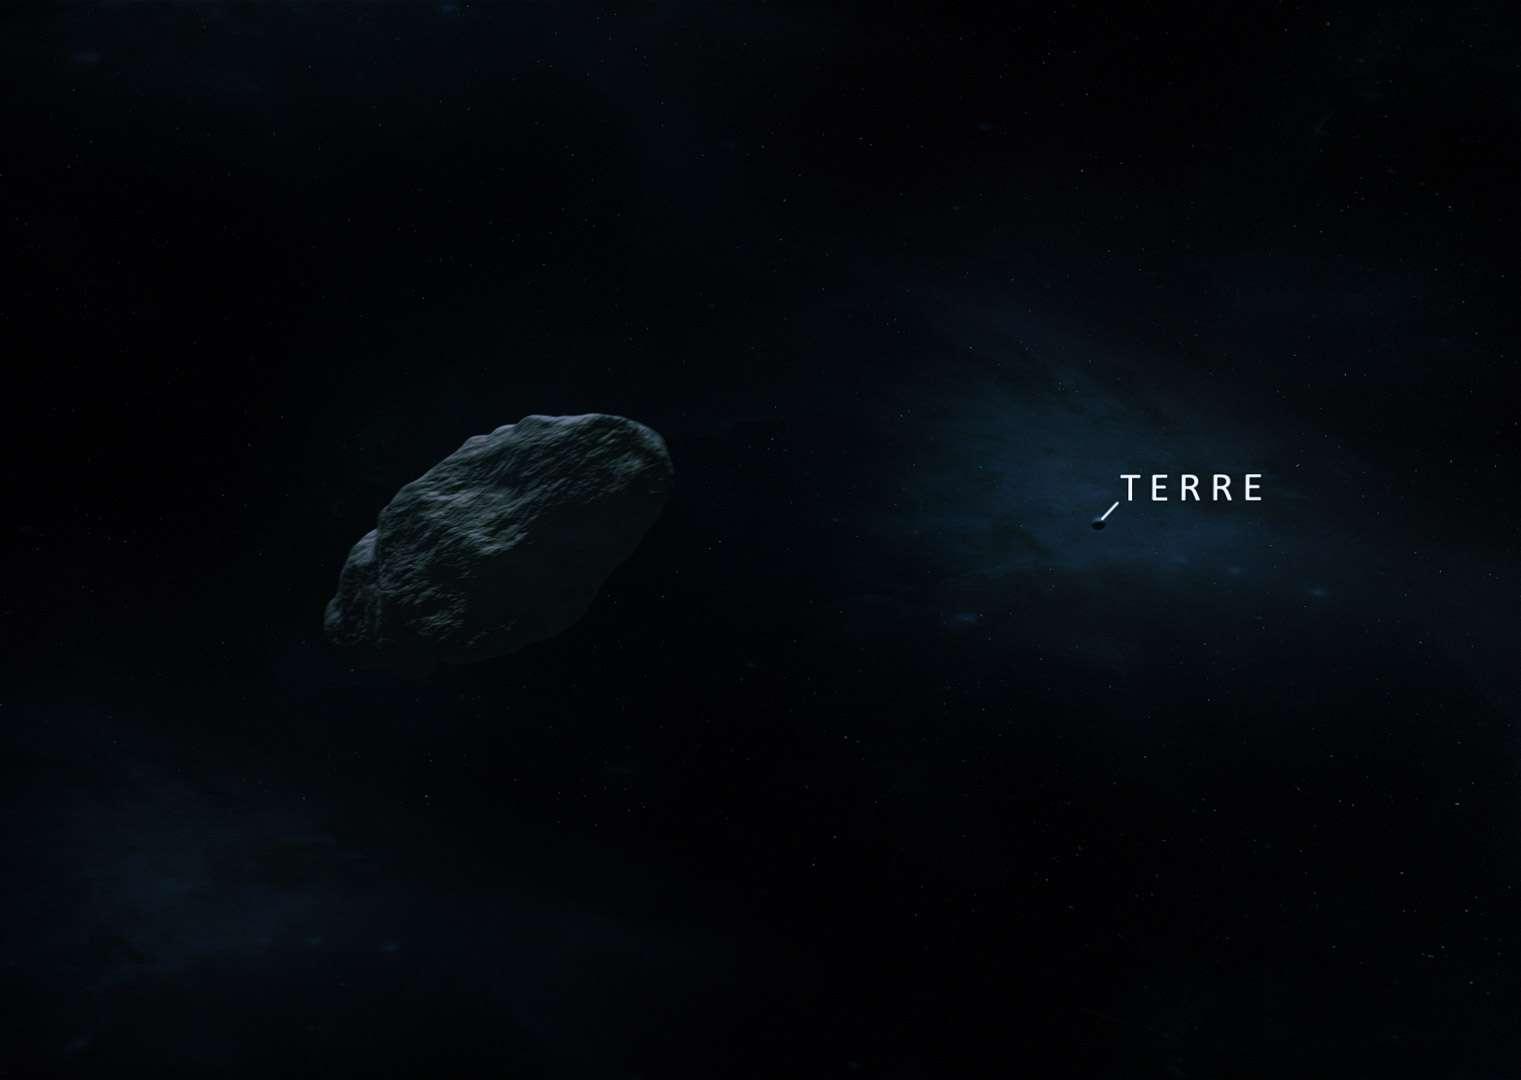 La Russie pourrait envoyer une sonde voler en formation avec l'astéroïde Apophis ou se mettre en orbite autour de lui. L'objectif serait d'étudier son histoire, sa nature, sa composition et déterminer avec exactitude les paramètres de son trajectoire. © Astrium